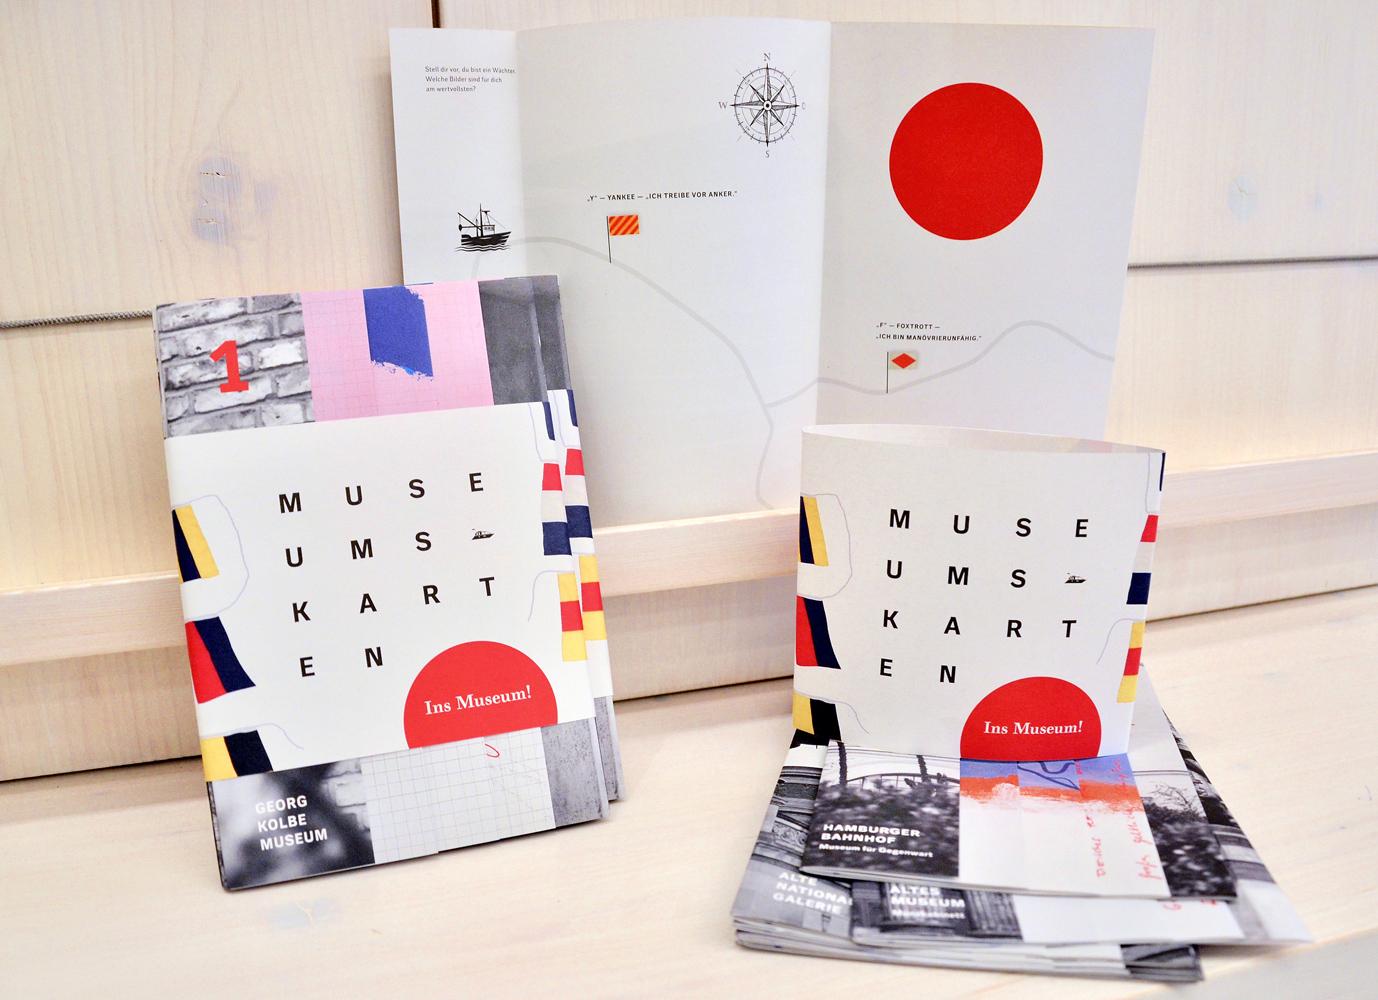 Ins Museum! Museumskarten im Set und ausgepackt